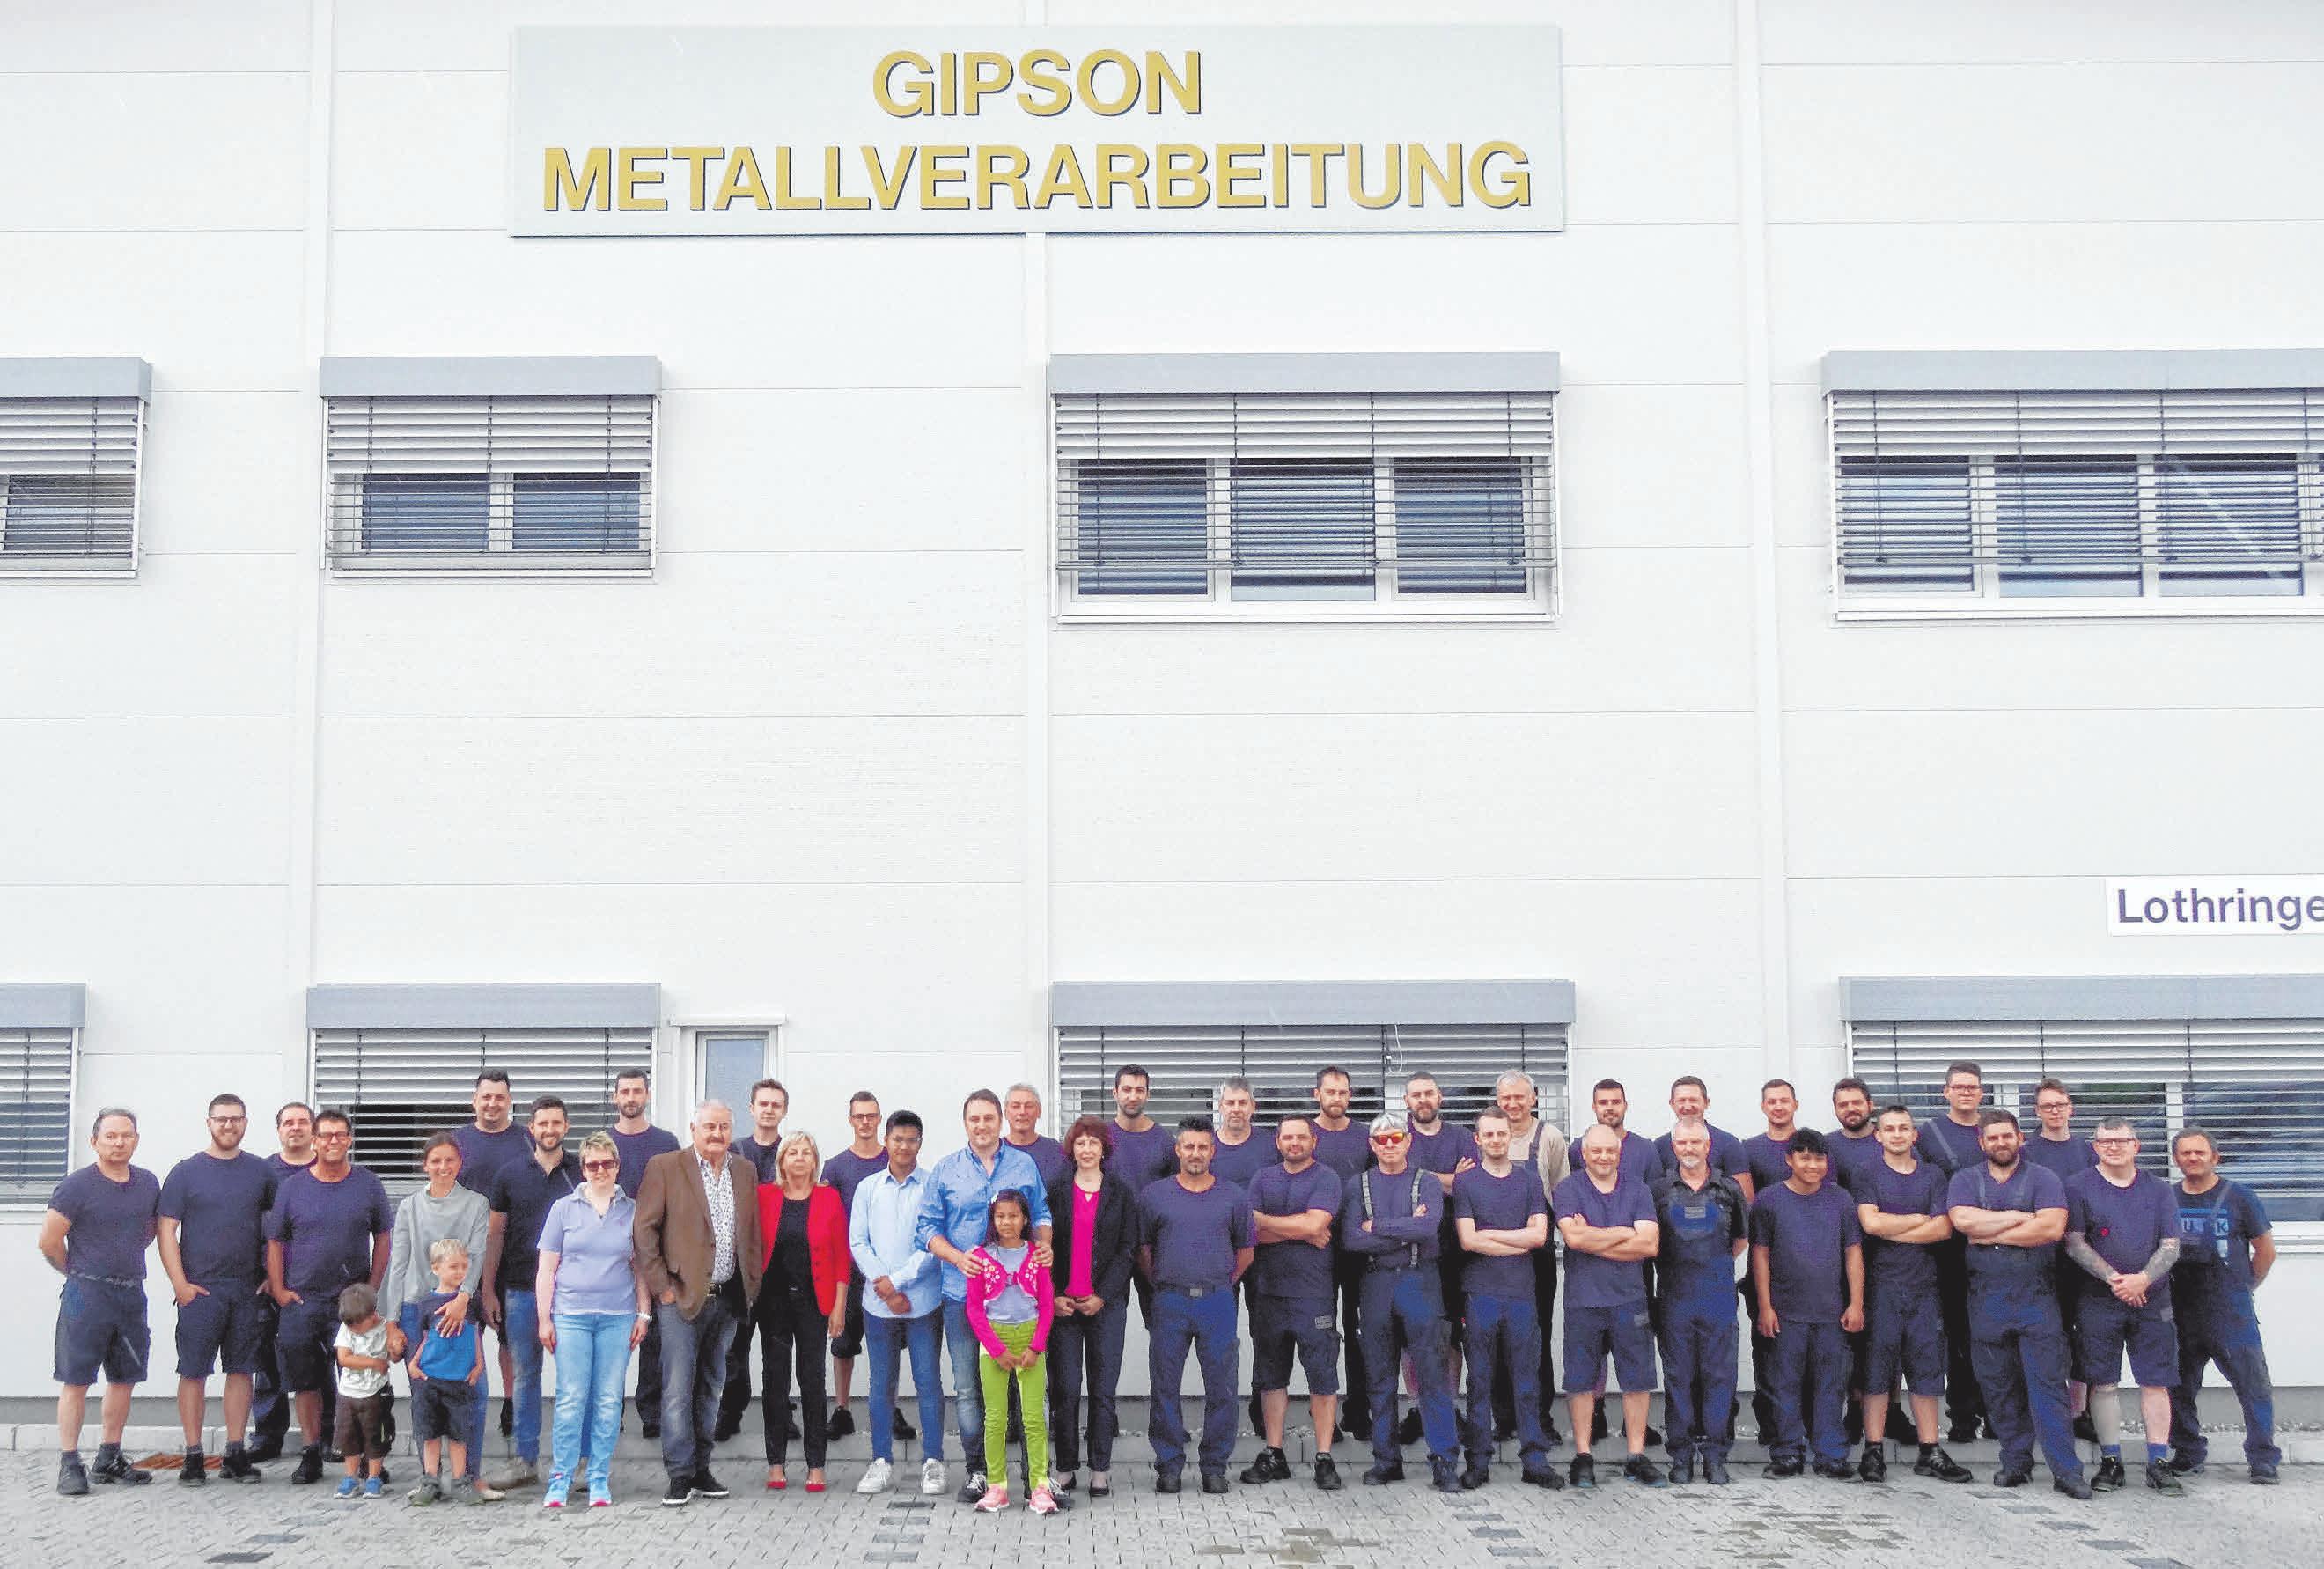 """Erfolg mal 50: Der Großteil der """"Gipson Group"""" hat sich zum Gruppenfoto vor der neuen Werkshalle in der Lothringer Straße versammelt. FOTO: SCHWARZ"""